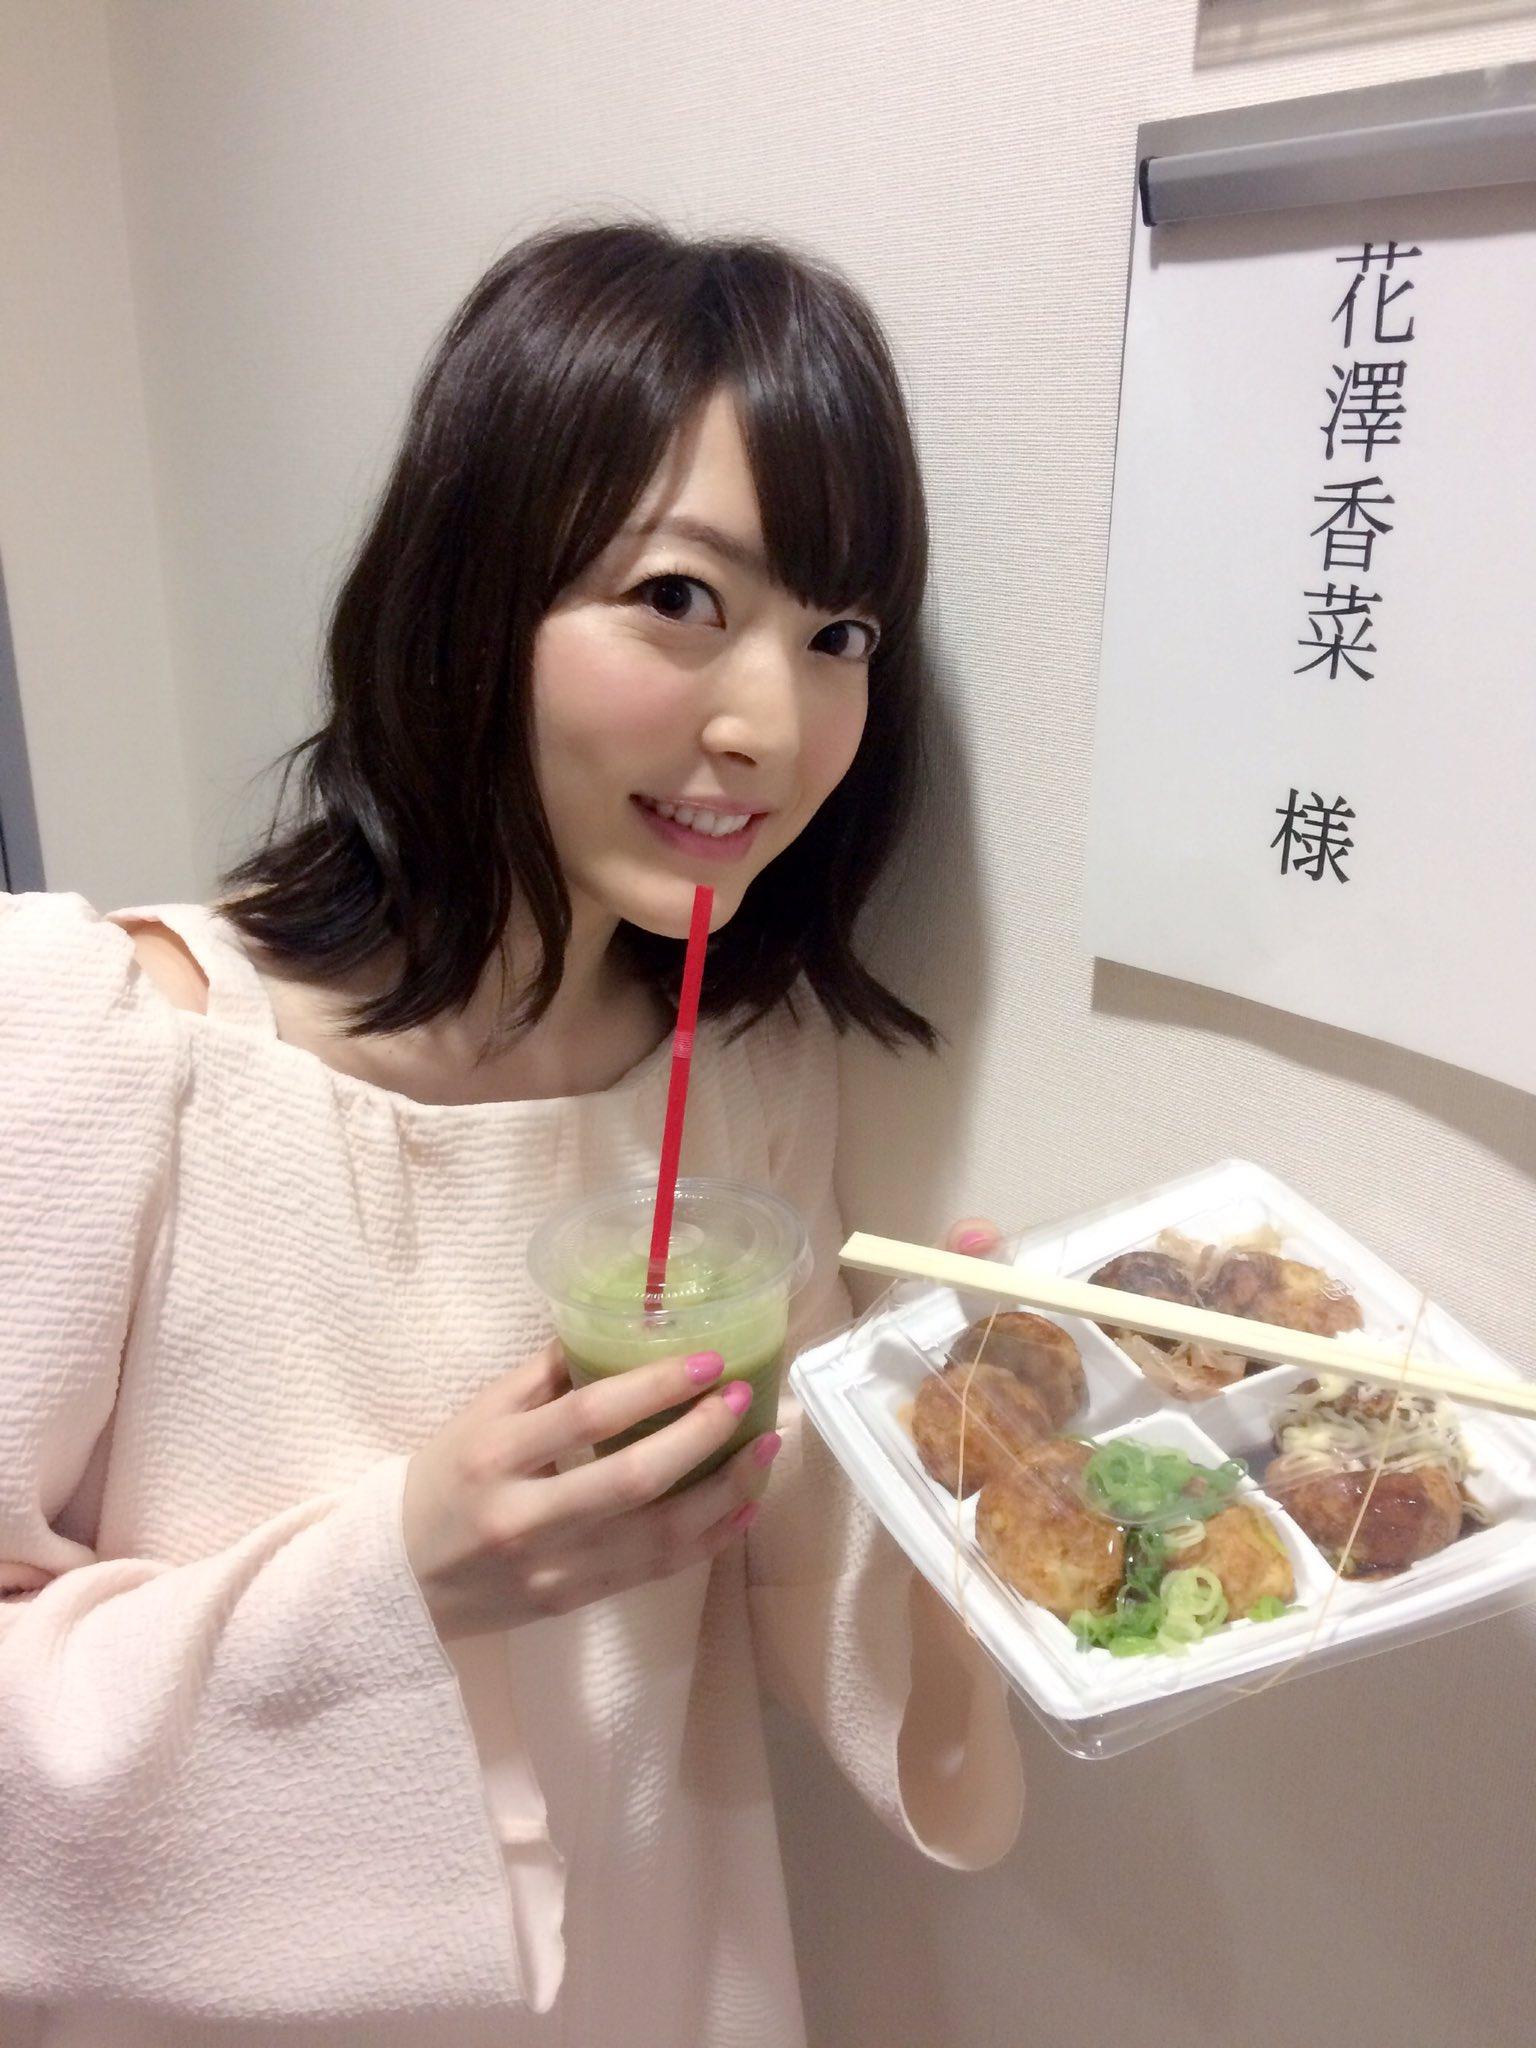 성우 하나자와 카나씨의 사진, 오사카에 가서 찍은 ..